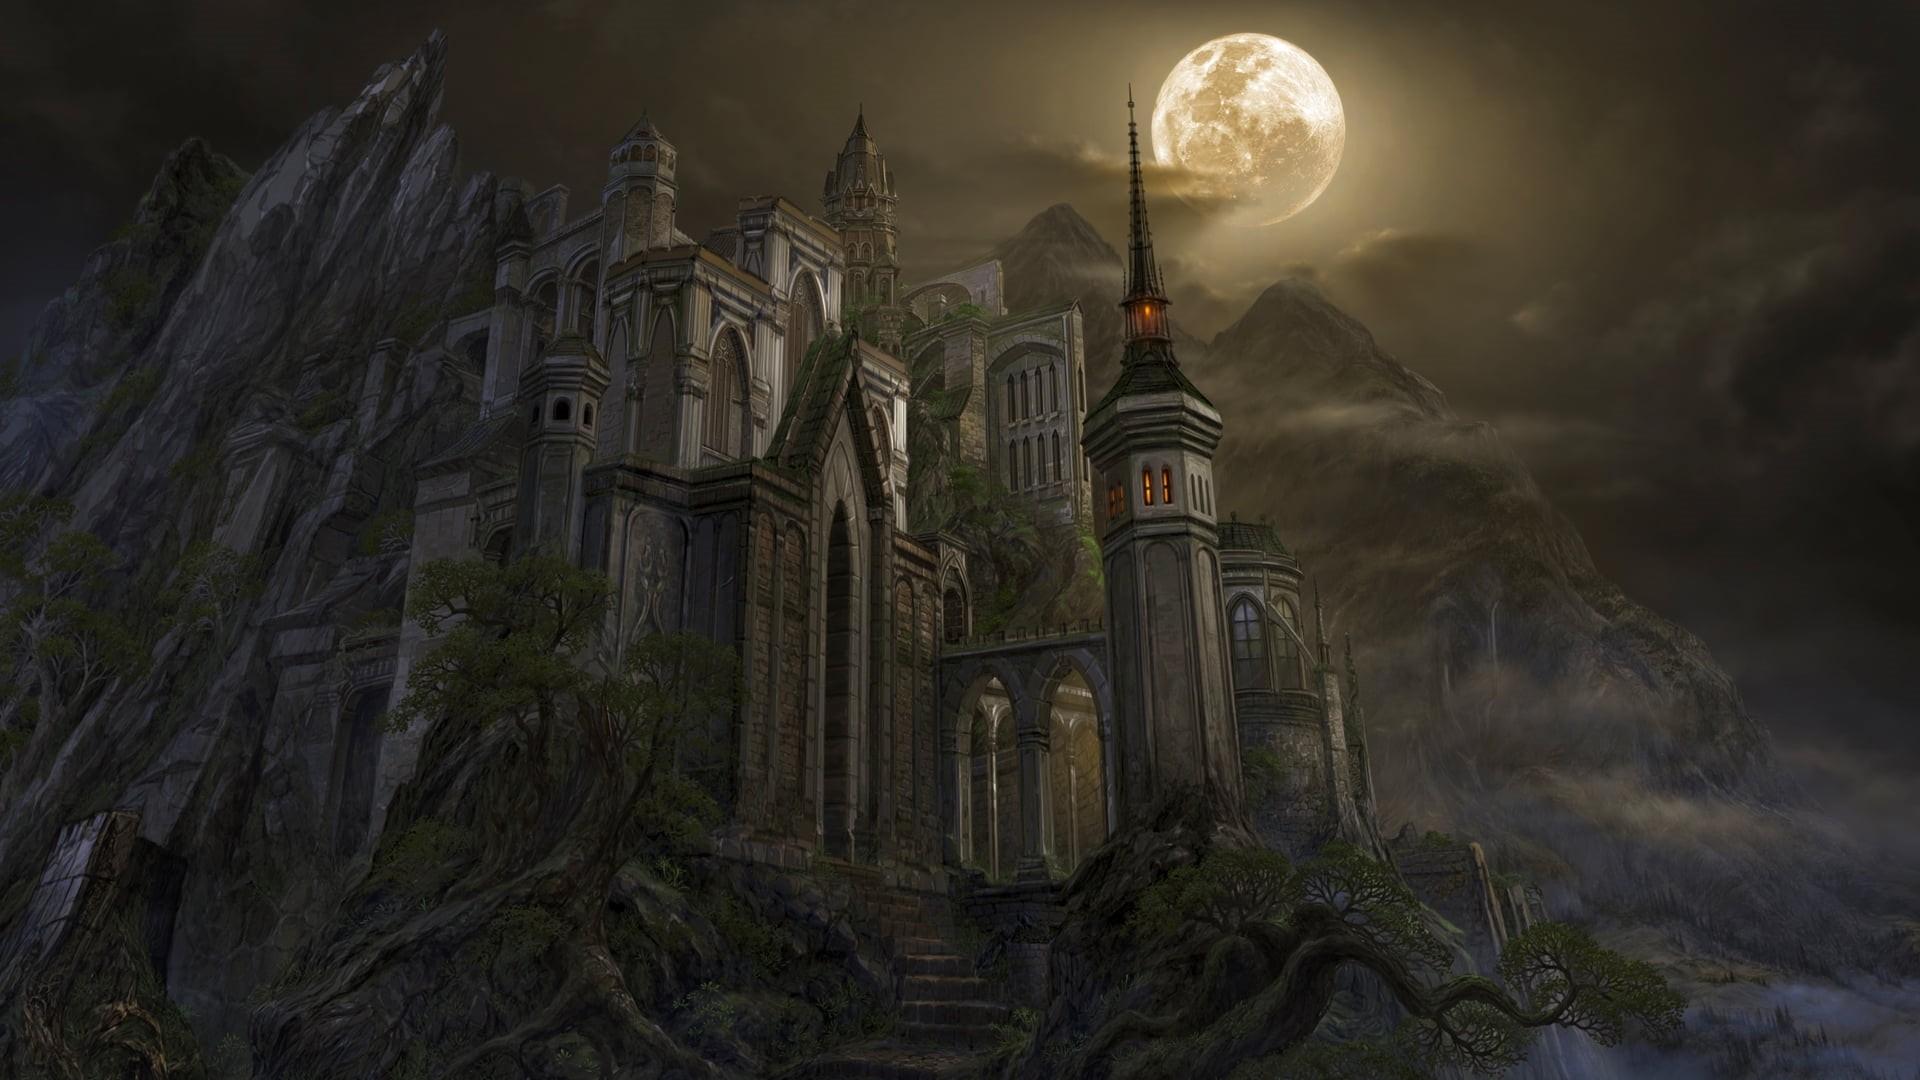 Gothic Castle Wallpaper